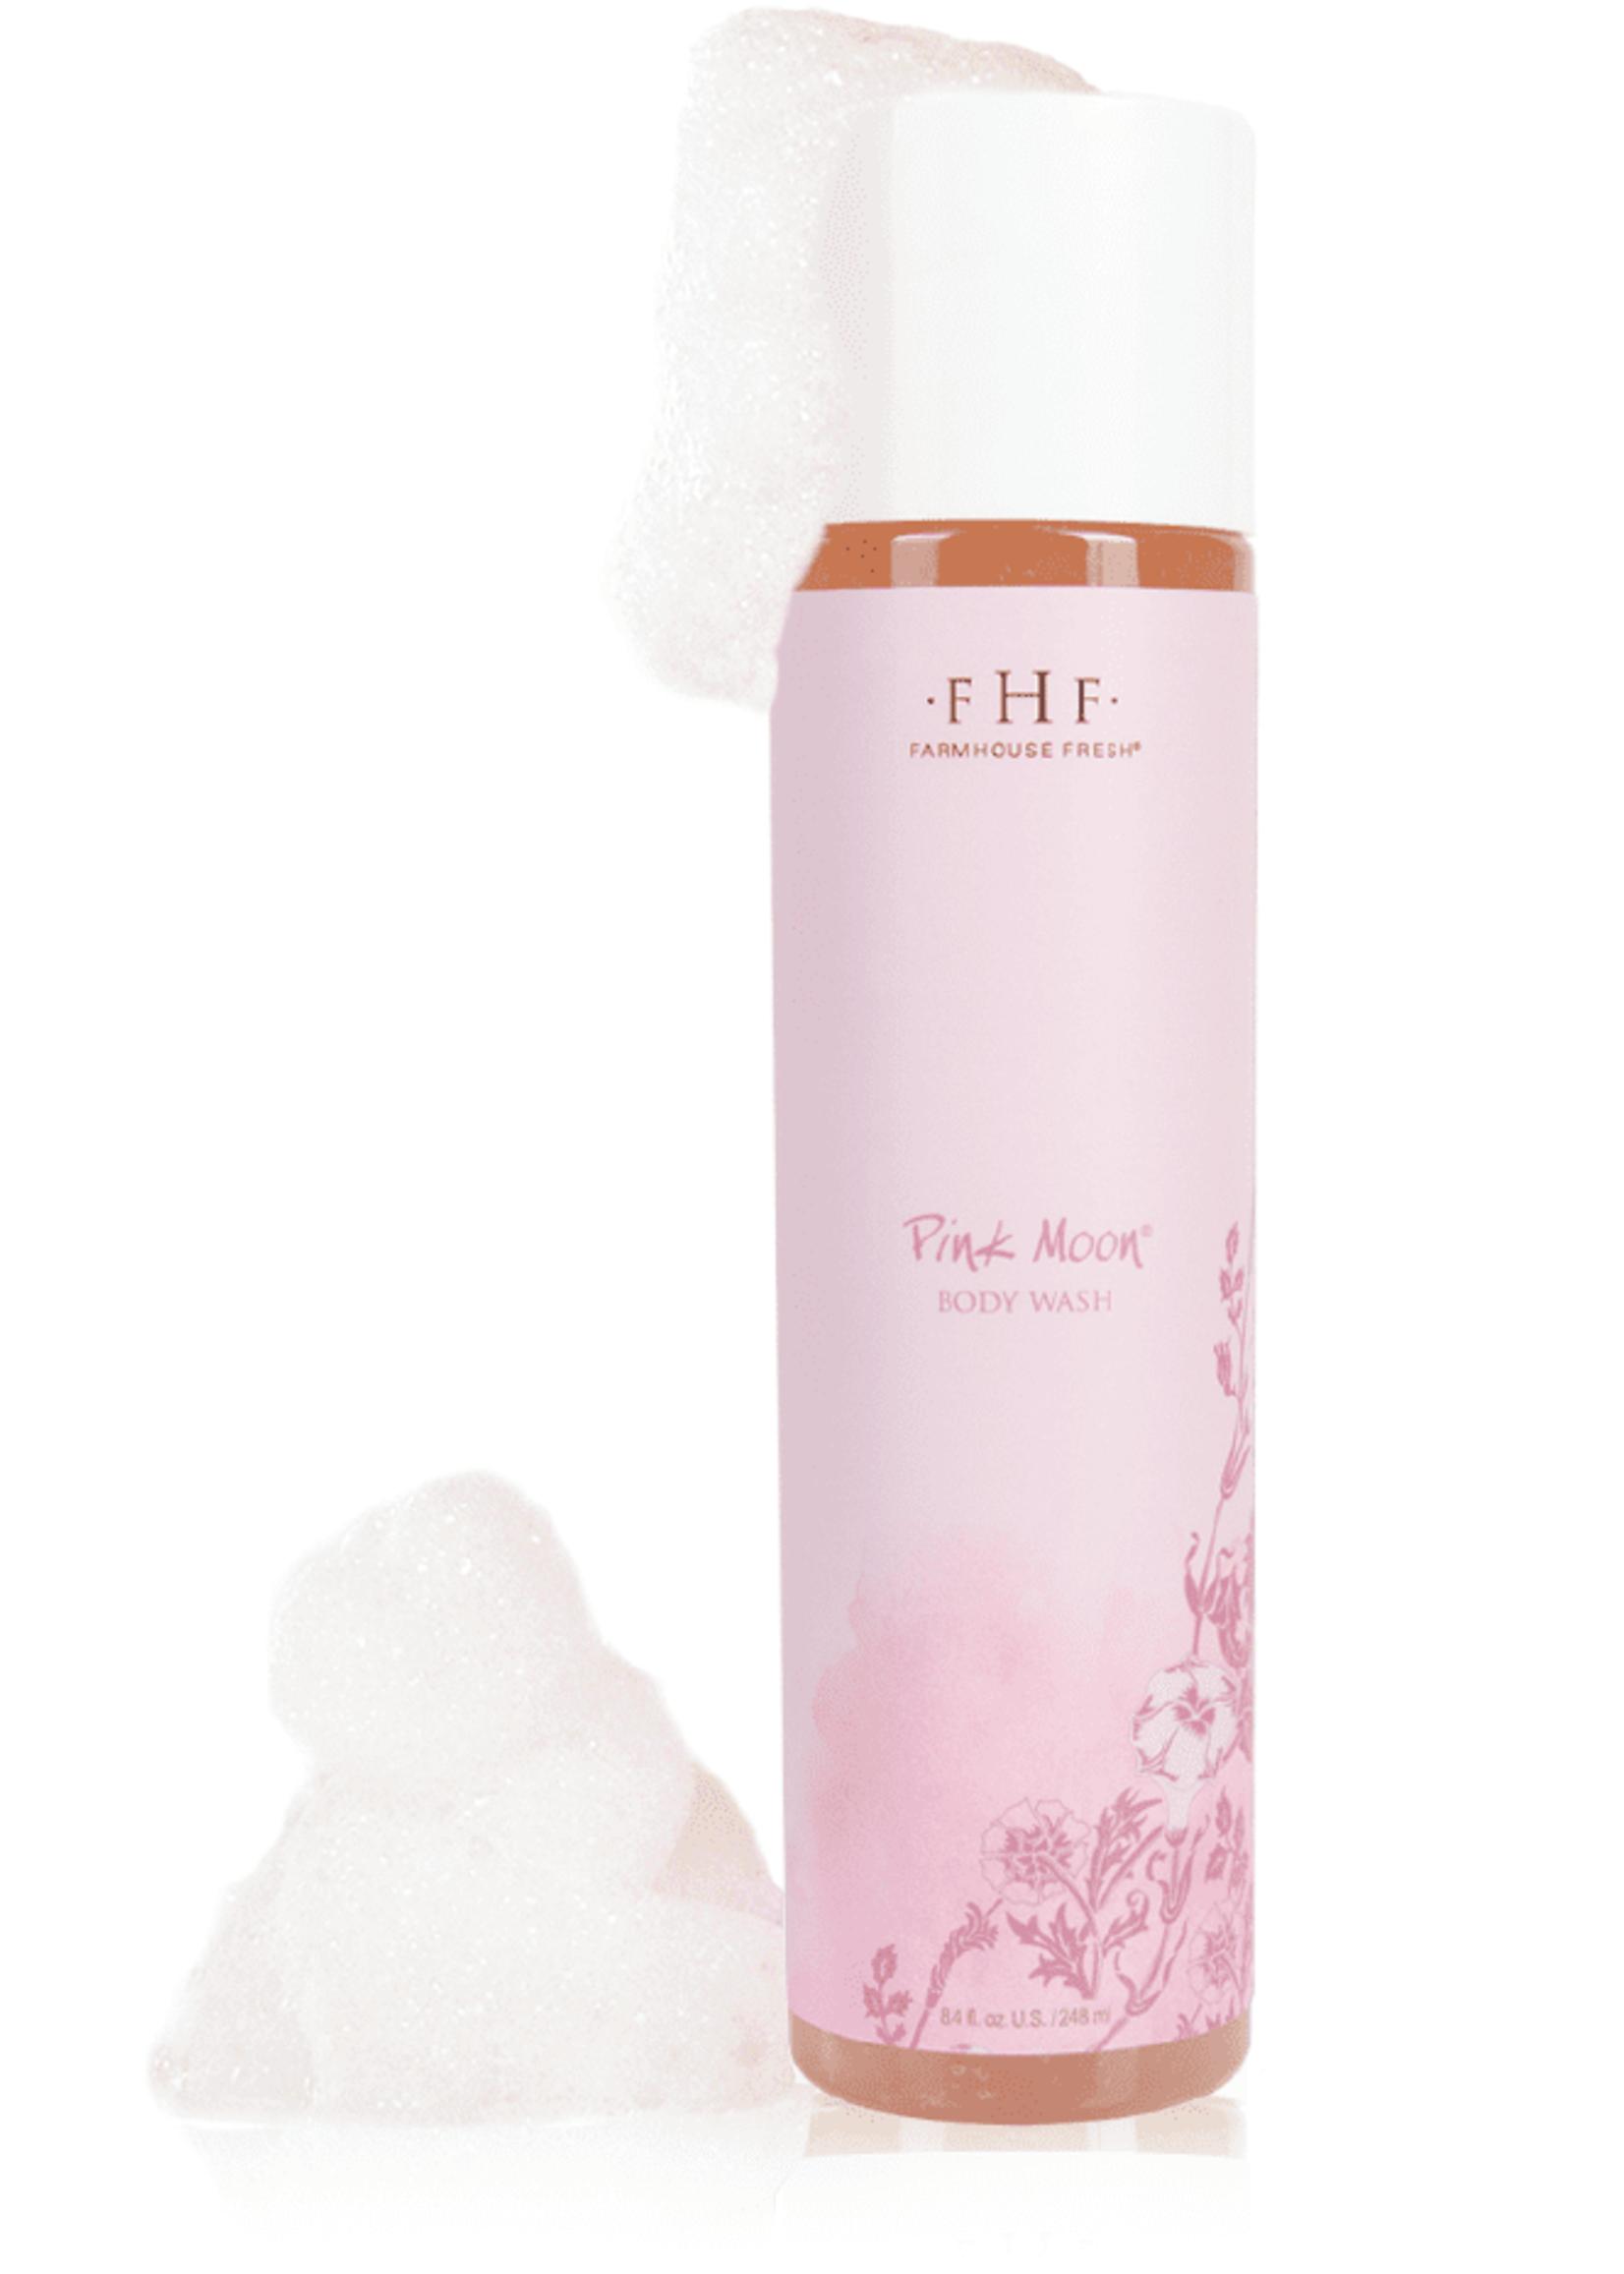 Body Wash/Bubble Bath